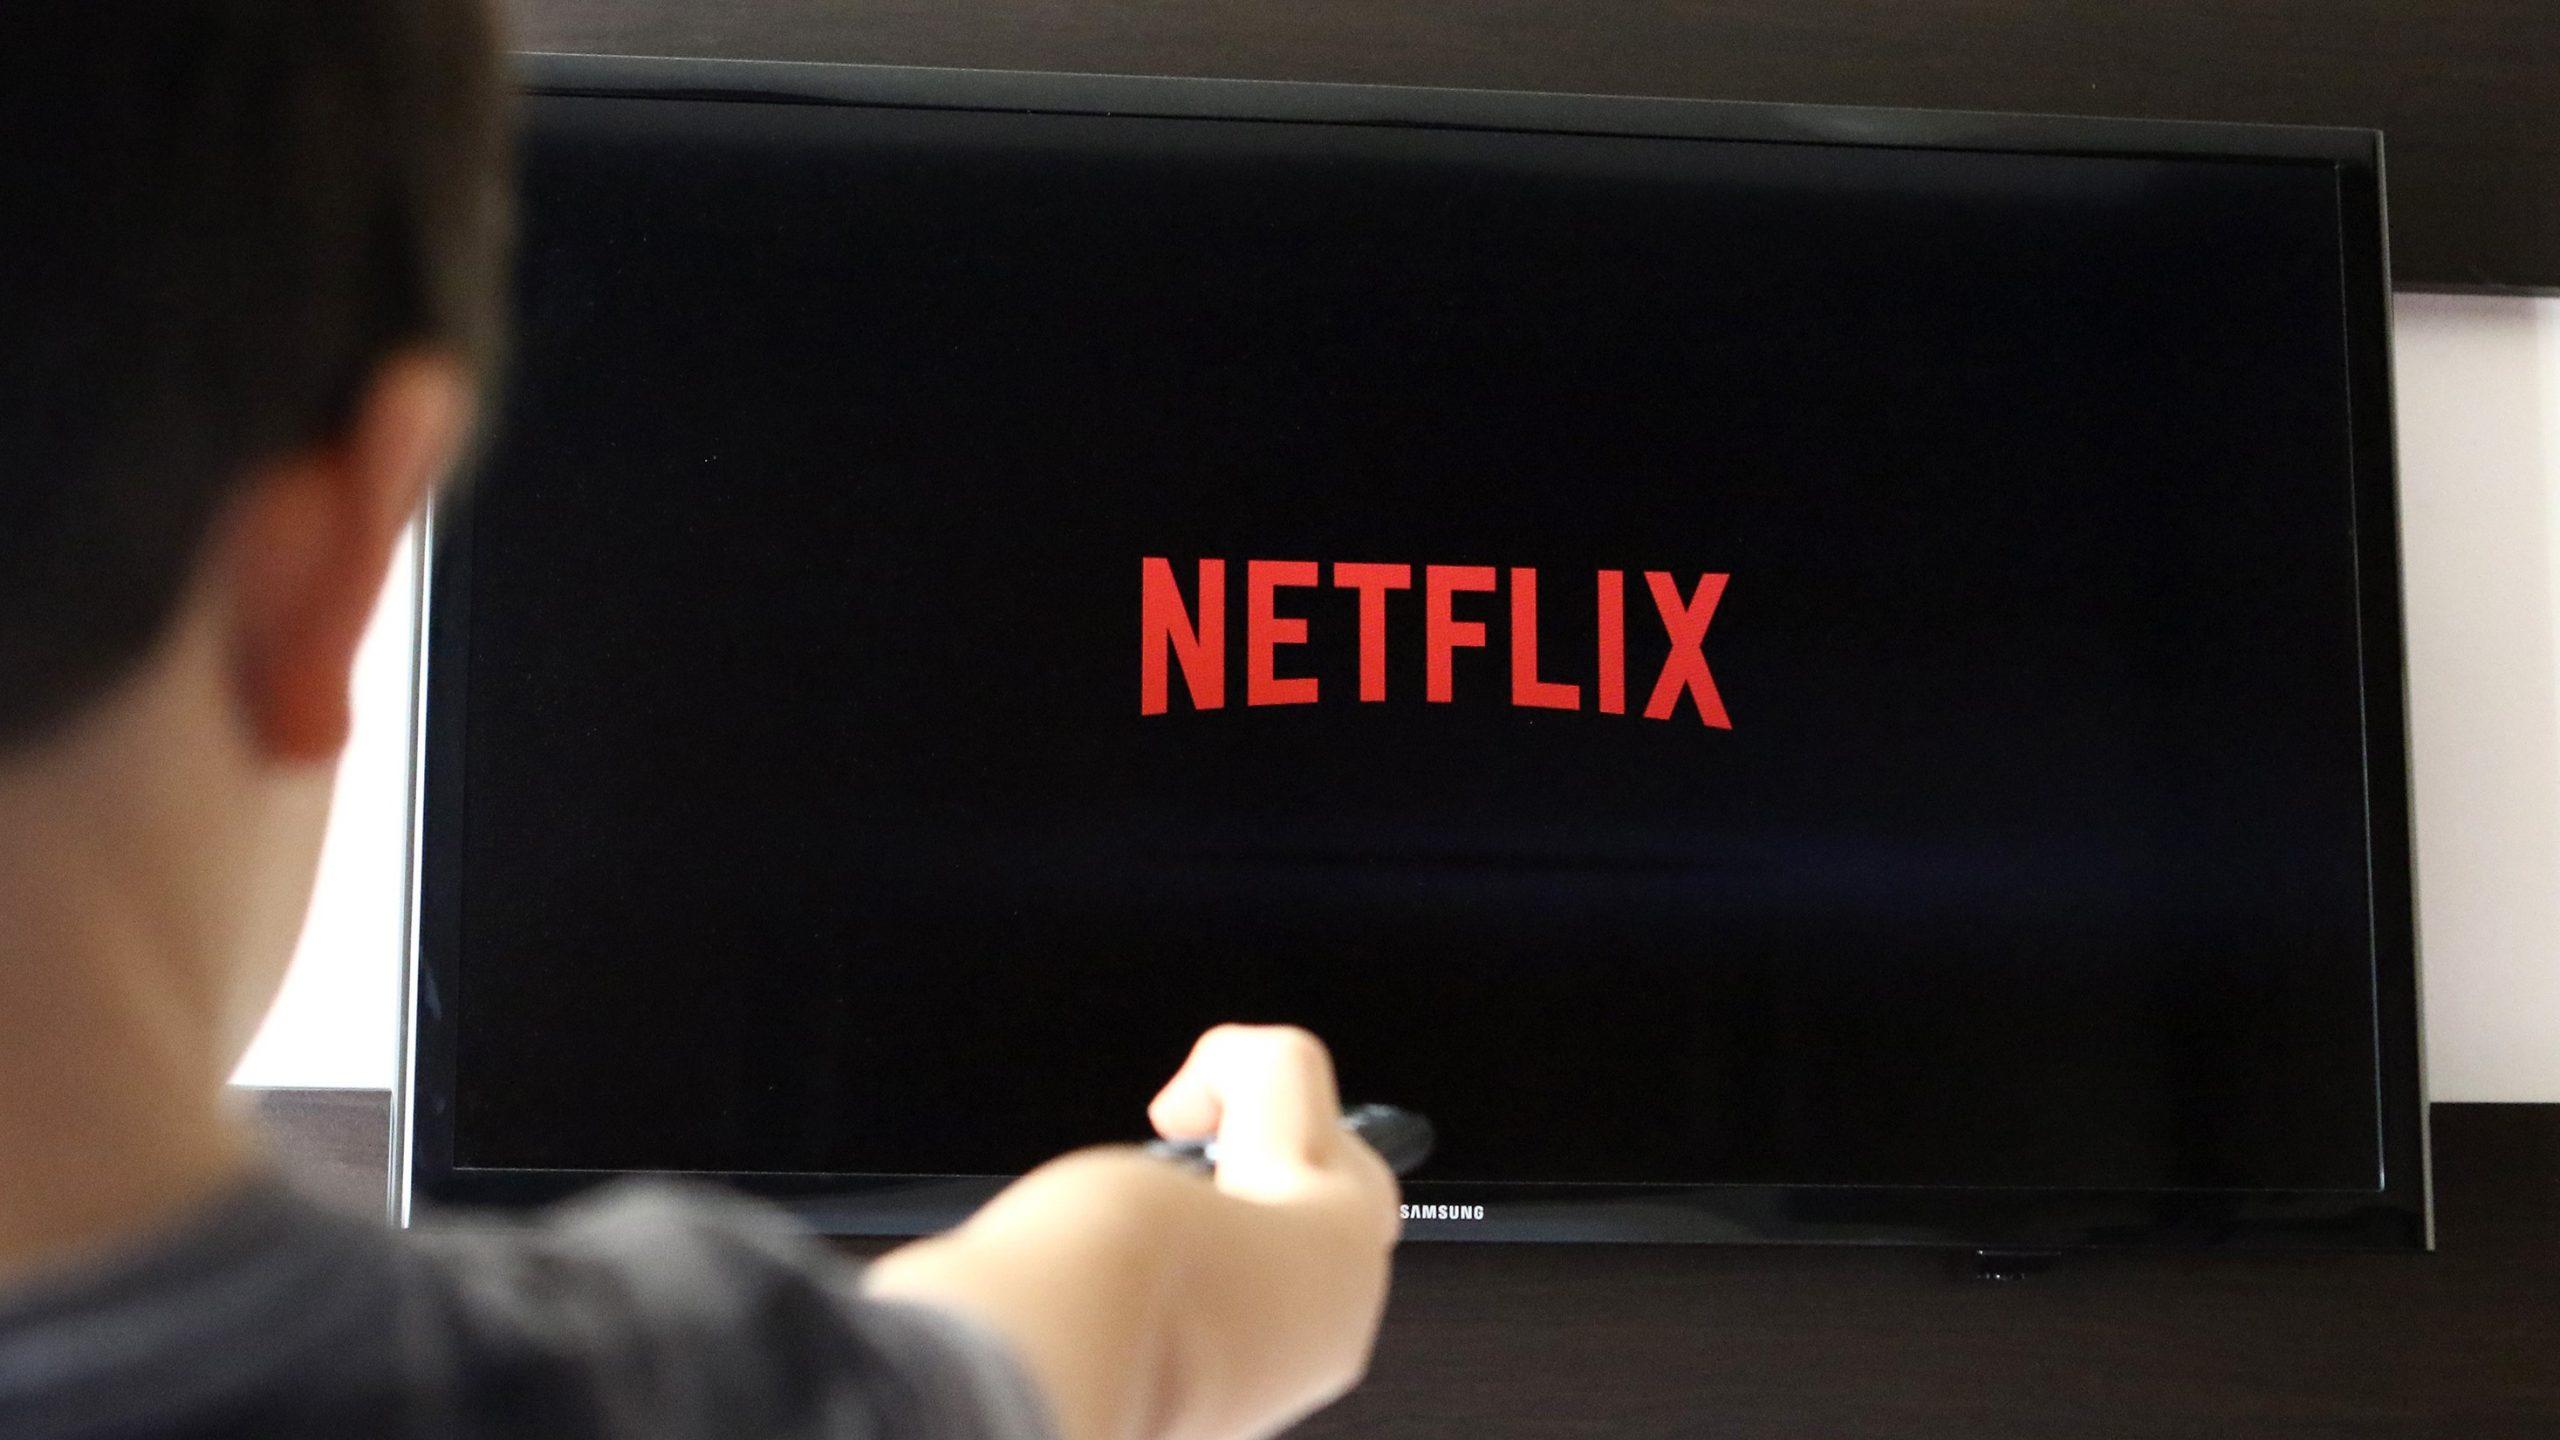 Cày xuyên mùa dịch với 7 series phim hay nhất trên Netflix